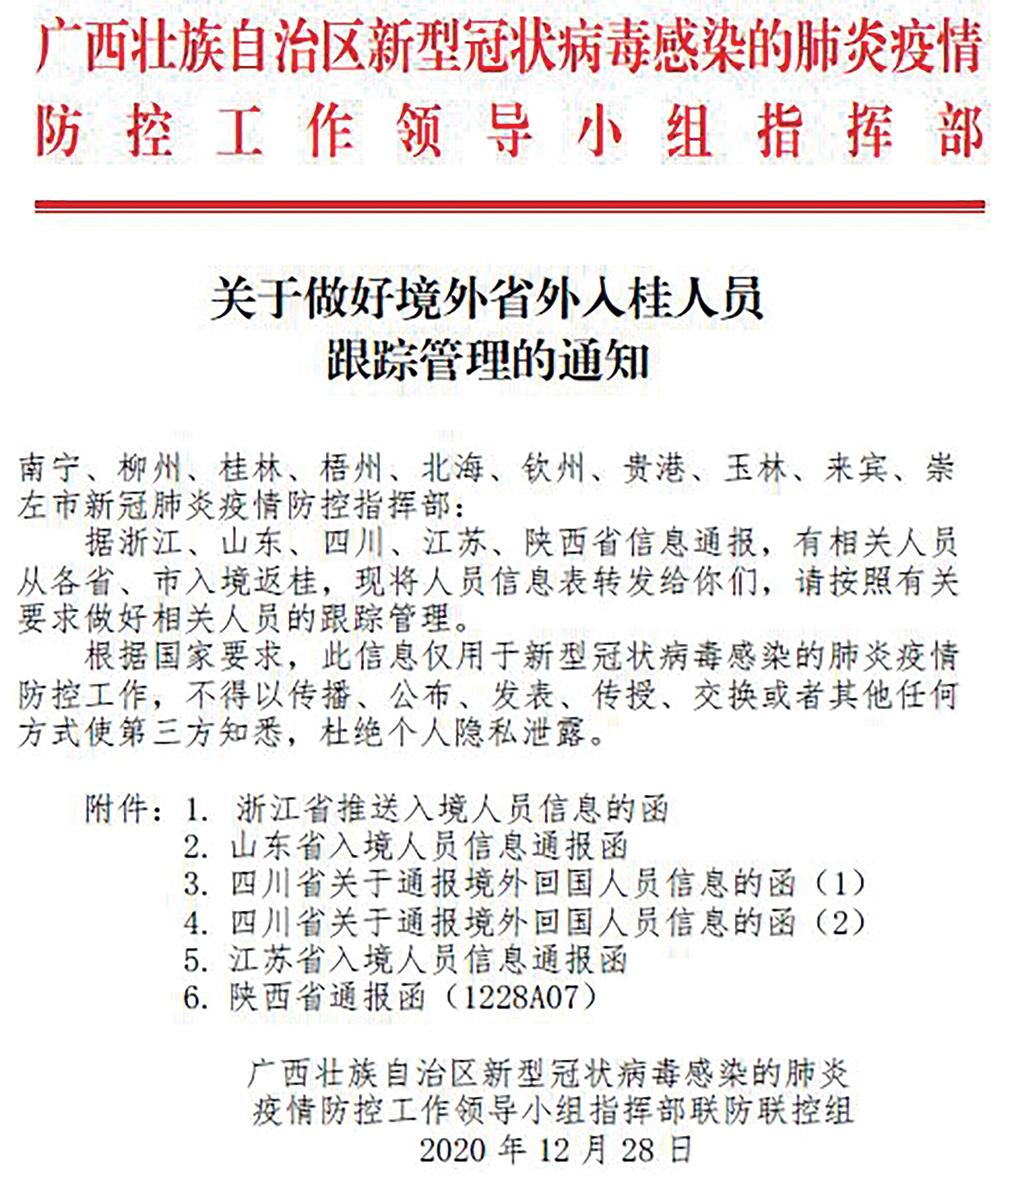 2020年12月28日,中共廣西政府印發《關於做好境外省外入桂人員跟蹤管理的通知》。圖為文件截圖。(大紀元)